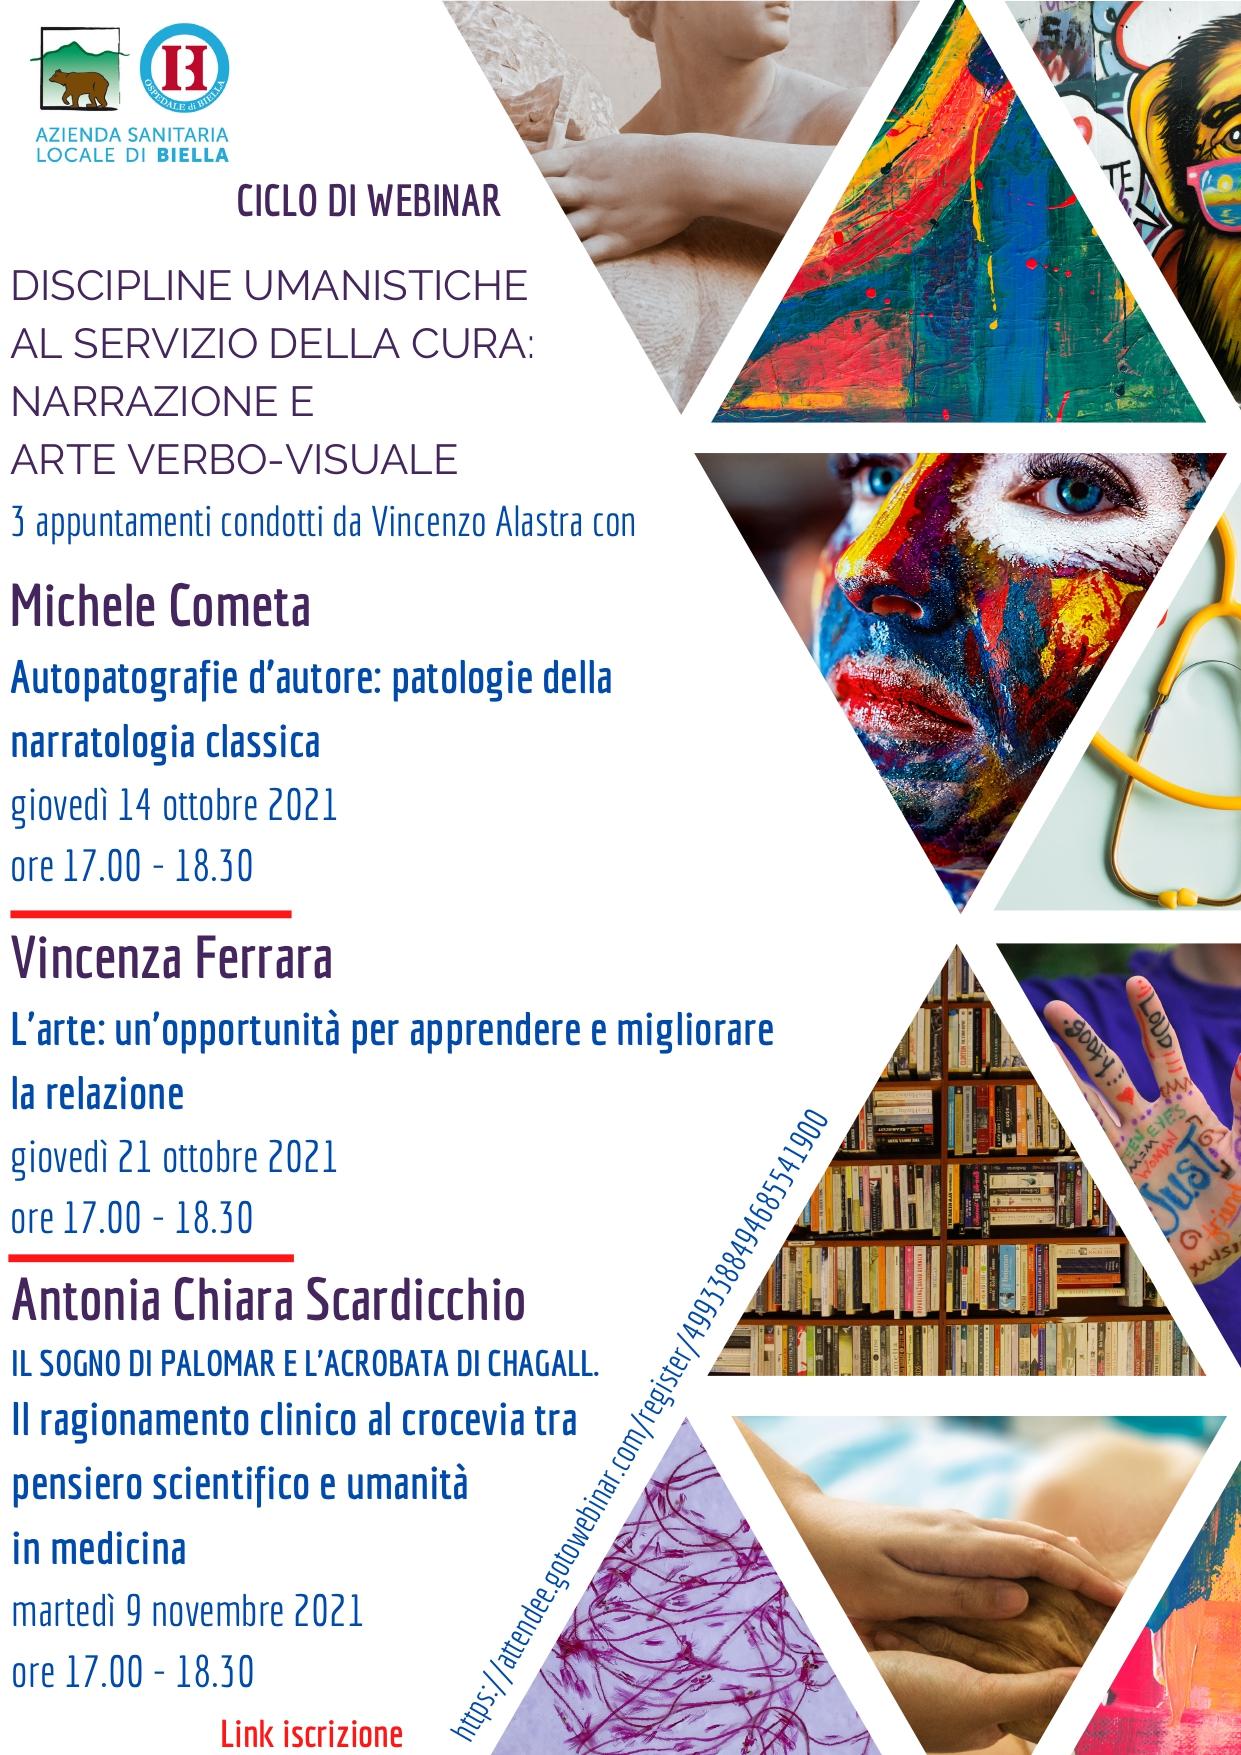 La locandina del ciclo di webinar dedicati alle discipline umanistiche al servizio della cura, con Michele Cometa, Vincenza Ferrara e Antonia Chiara Scardicchio